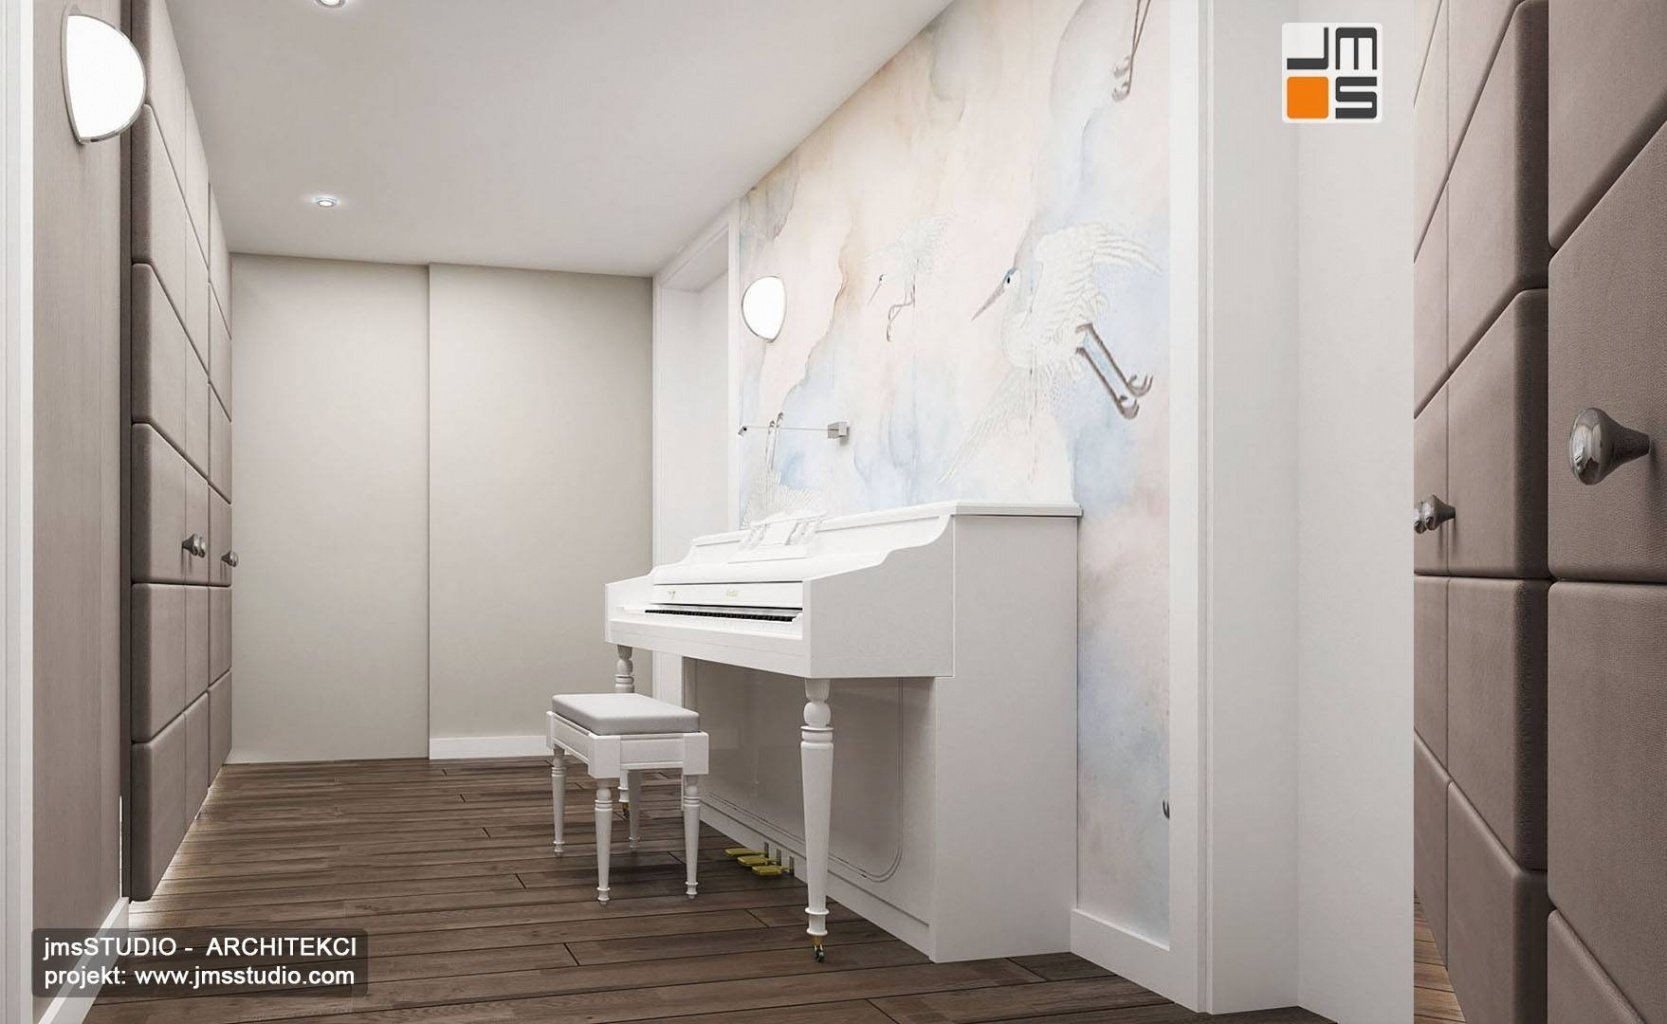 białe pianino w apartamencie to ciekawy projekt wnętrz nowoczesnych z grafika na ścianie w Krakowie